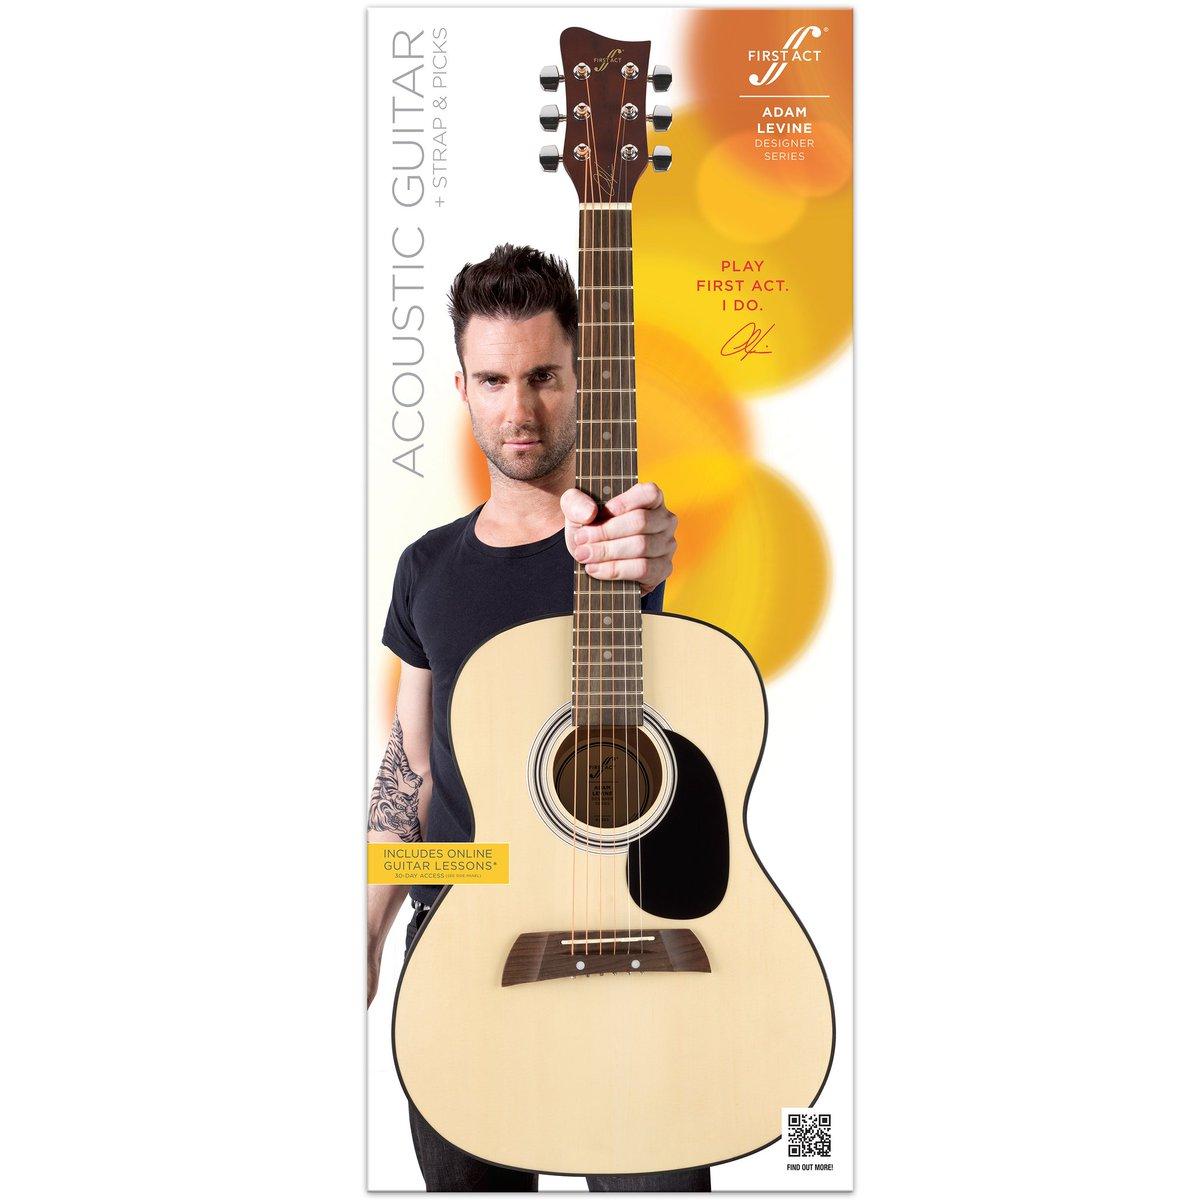 don t wait until black friday get adamlevine guitars at toysrus blackfriday guitar guitars. Black Bedroom Furniture Sets. Home Design Ideas